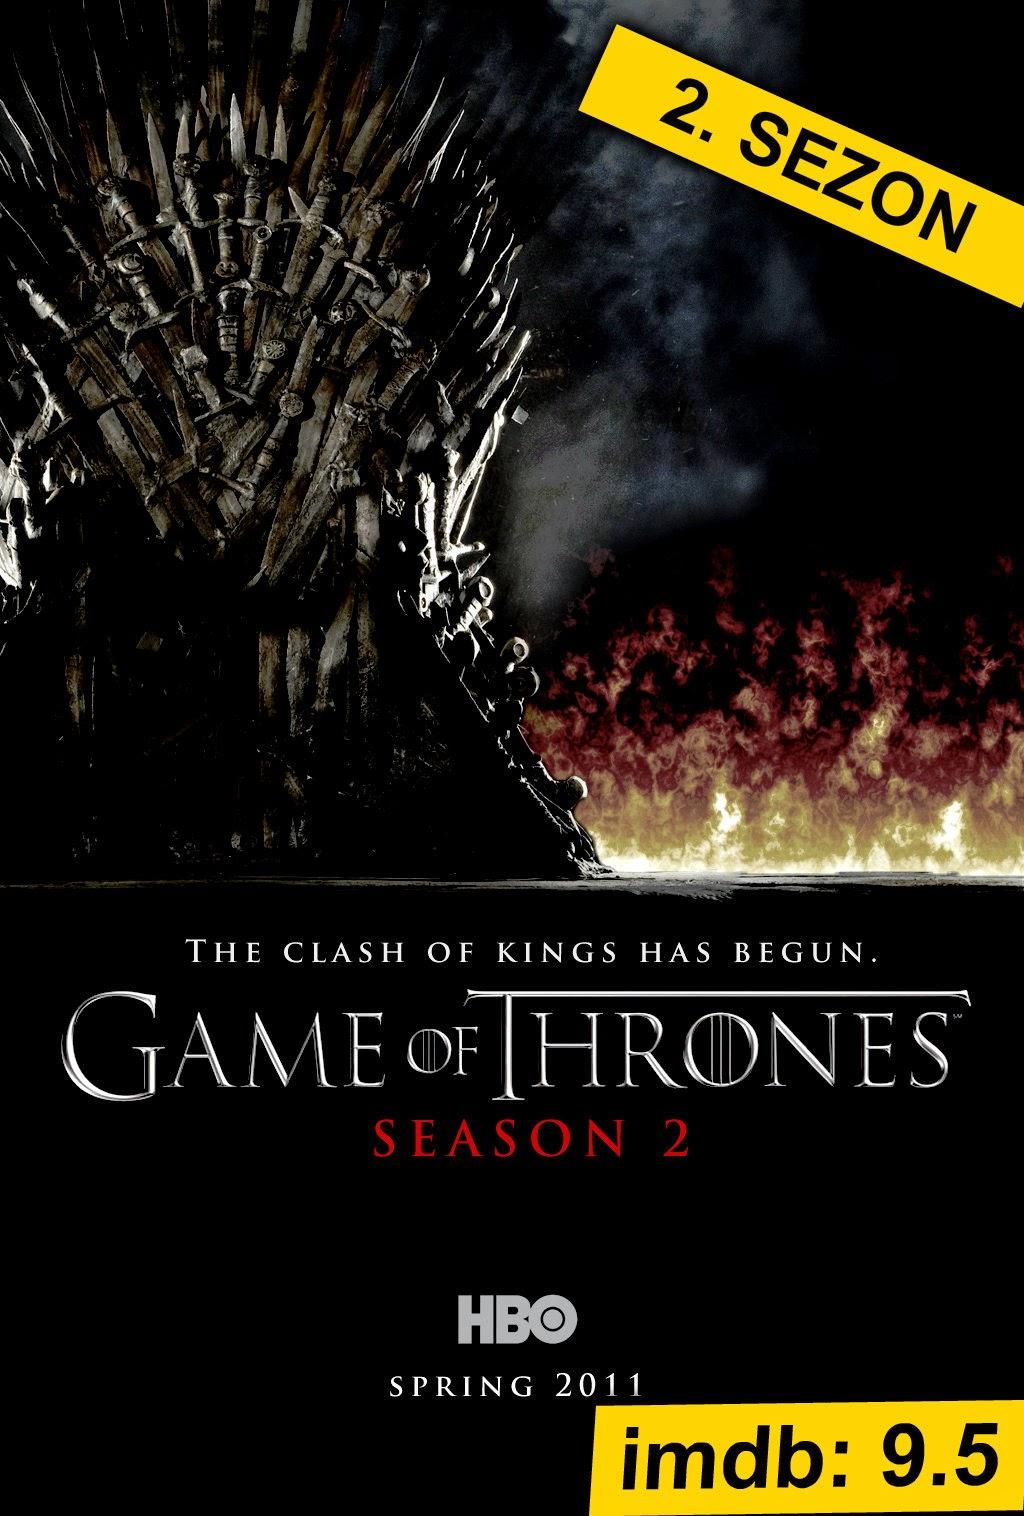 Game Of Thrones 2 Sezon Tüm Bölümler Hd Izle Full Hd Film Izle